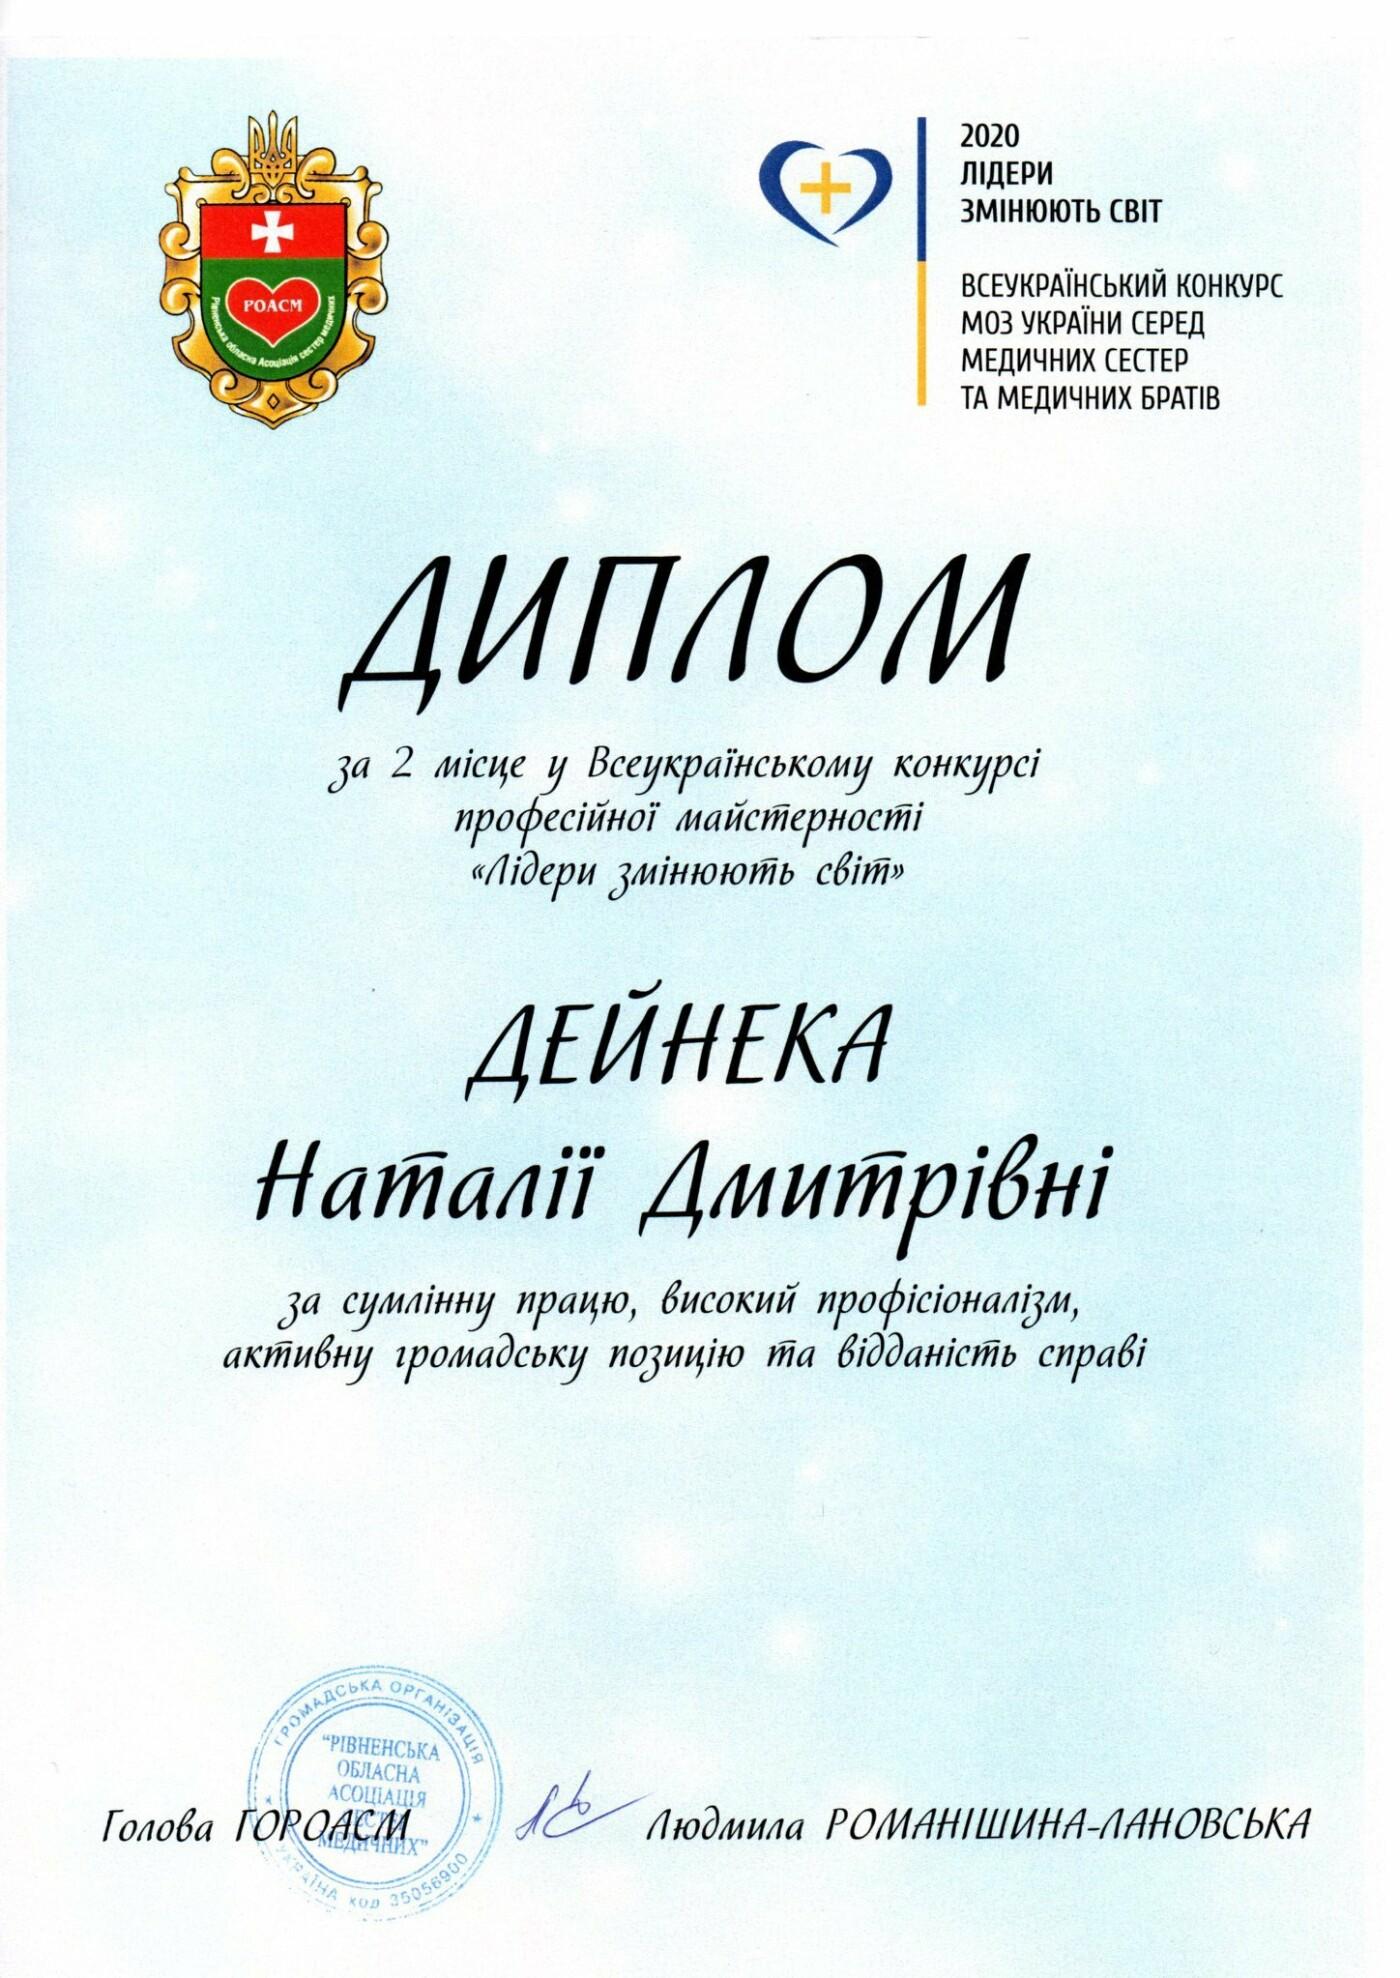 Медсестра з Рівного виборола призове місце у всеукраїнському конкурсі (ФОТО), фото-2